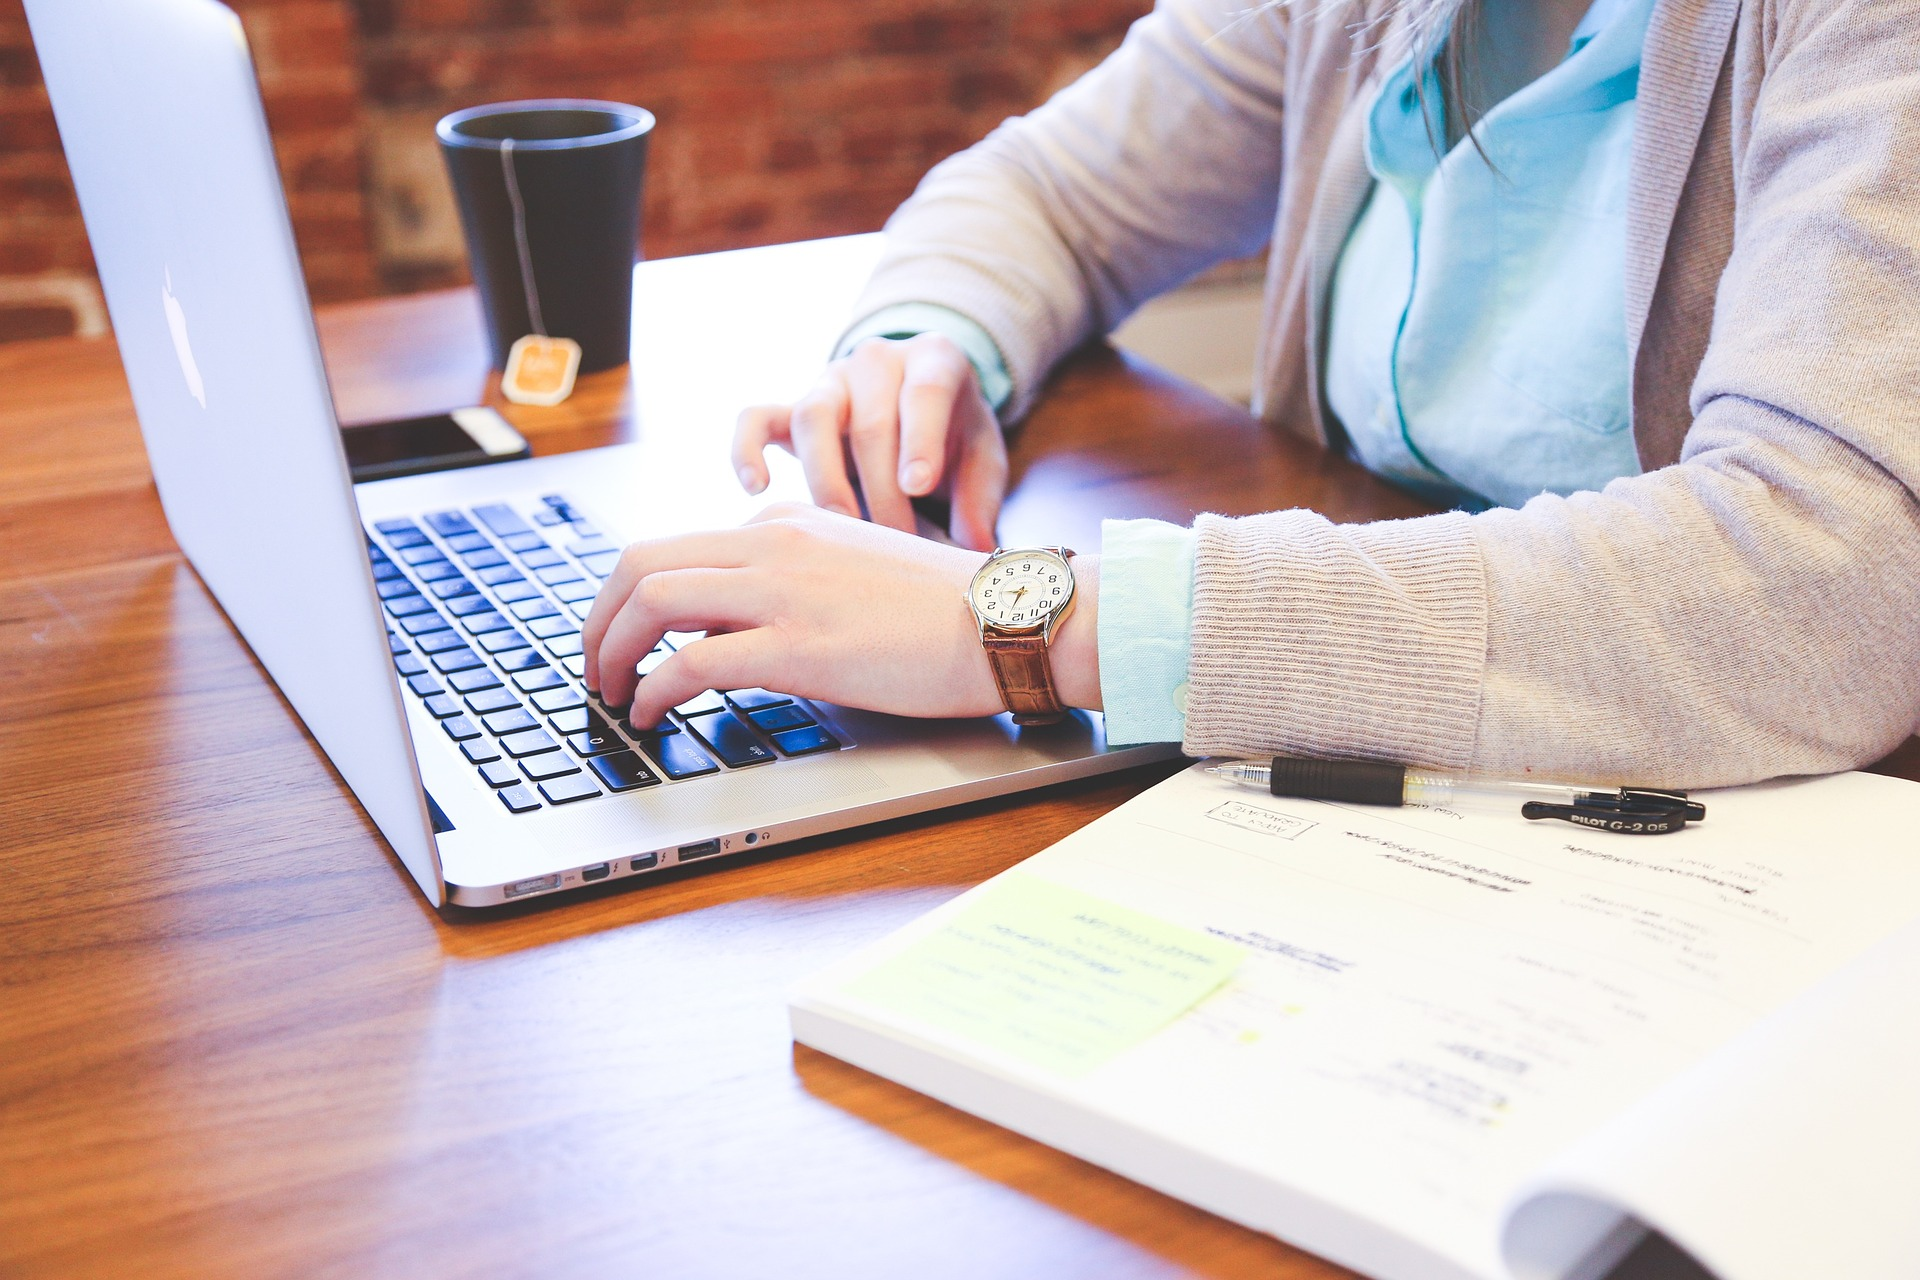 Arbeiter am Laptop mit